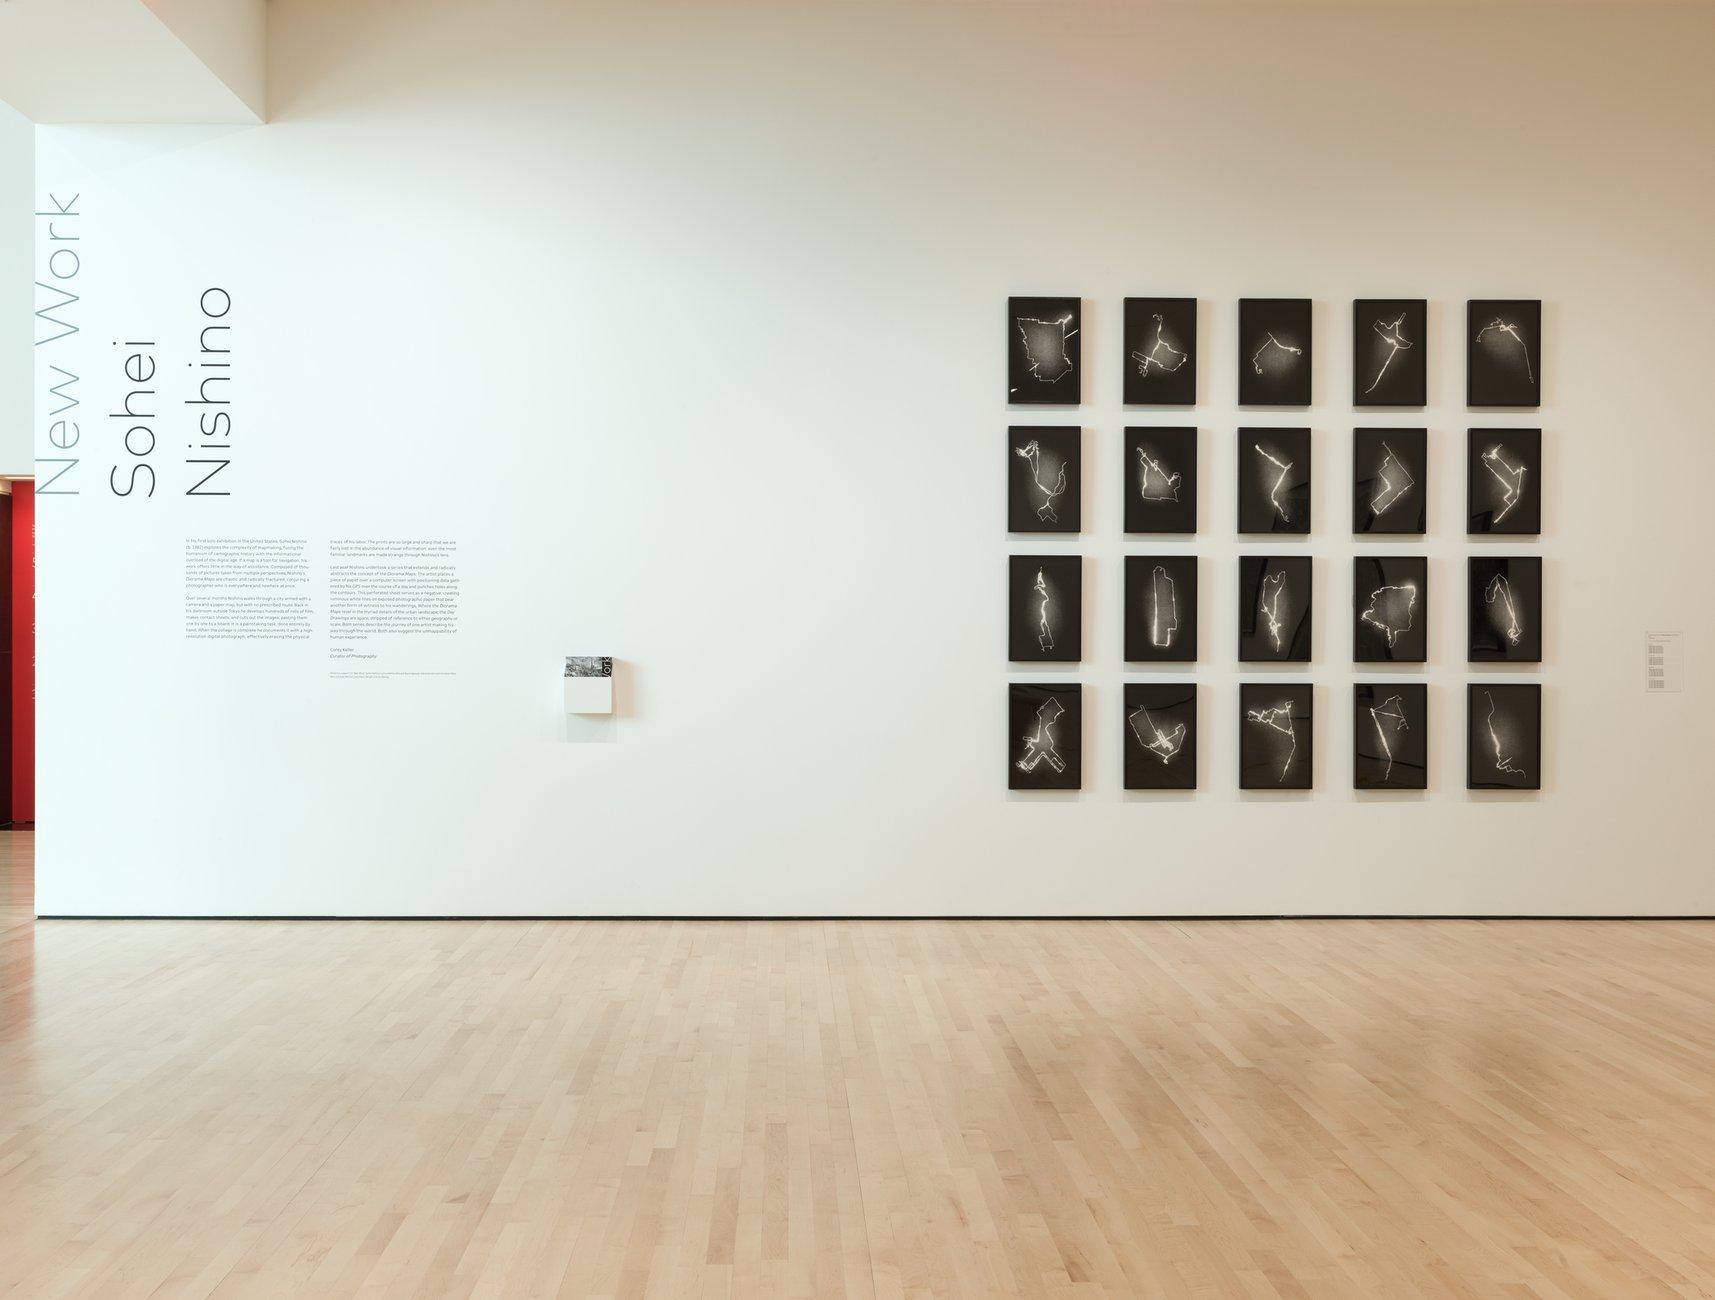 Installation view, New Work: Sohei Nishino